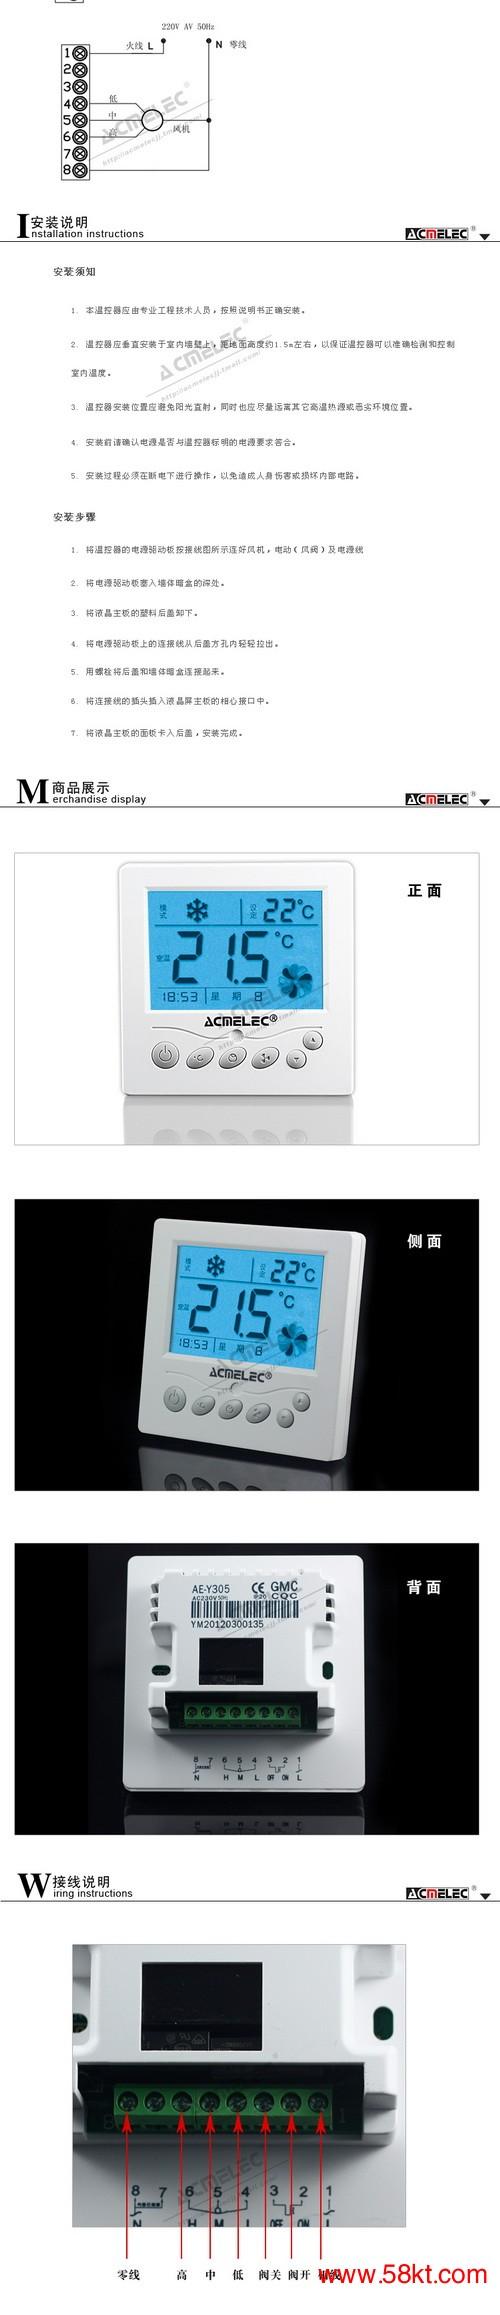 越美遥控型中央空调液晶面板